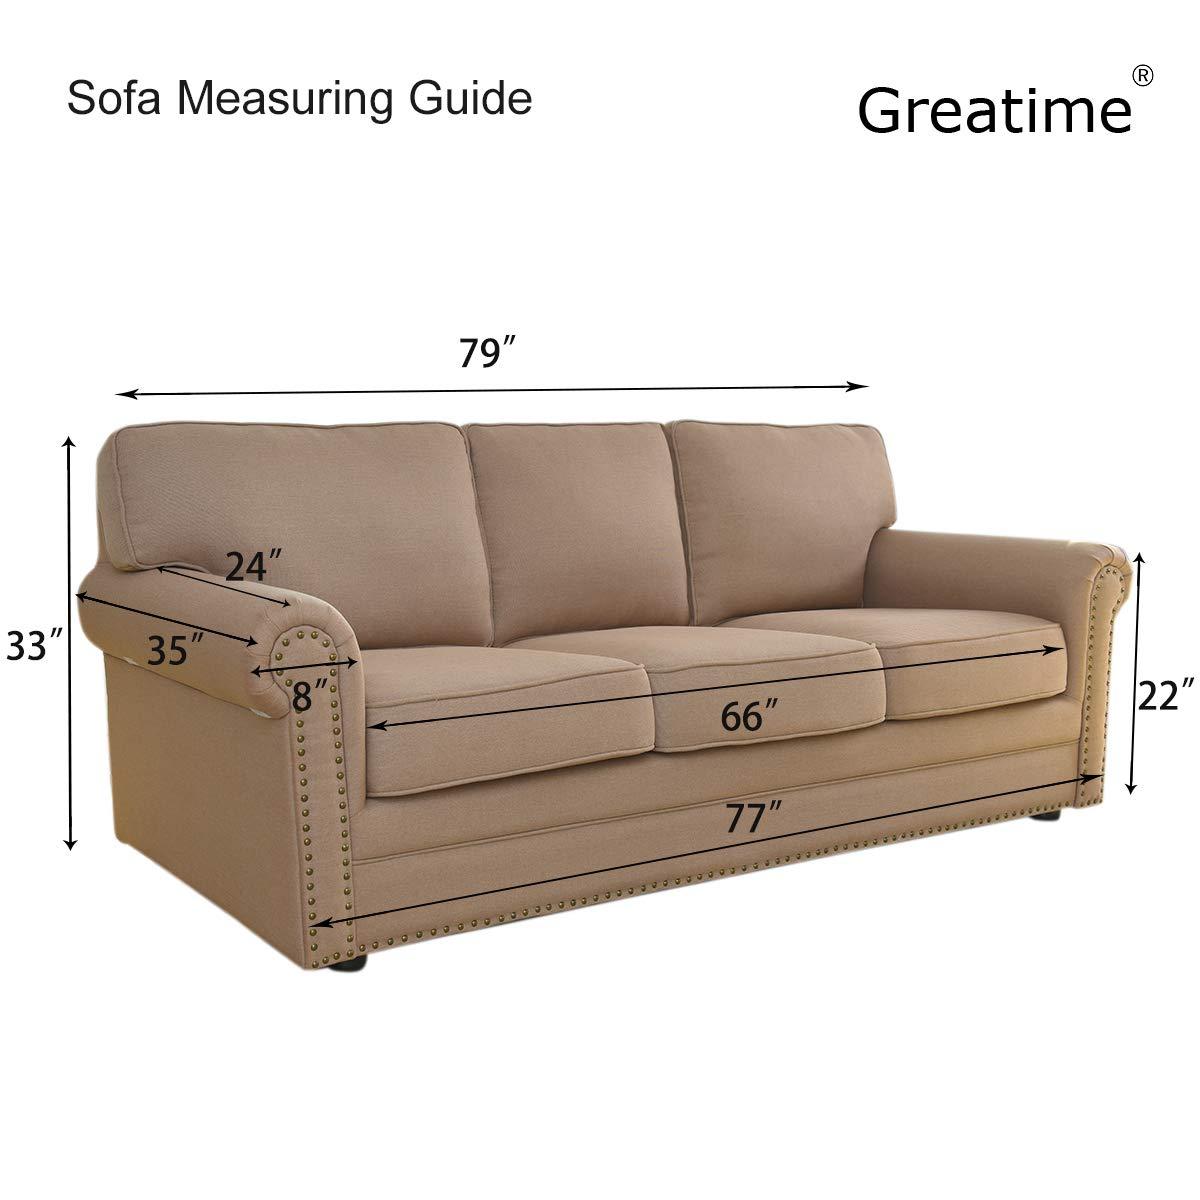 Greatime Estiramiento Funda de sofá del sofá de la Cubierta del Protector de Muebles sofá sofá Suave con elástico Antideslizante de Espuma niños ...